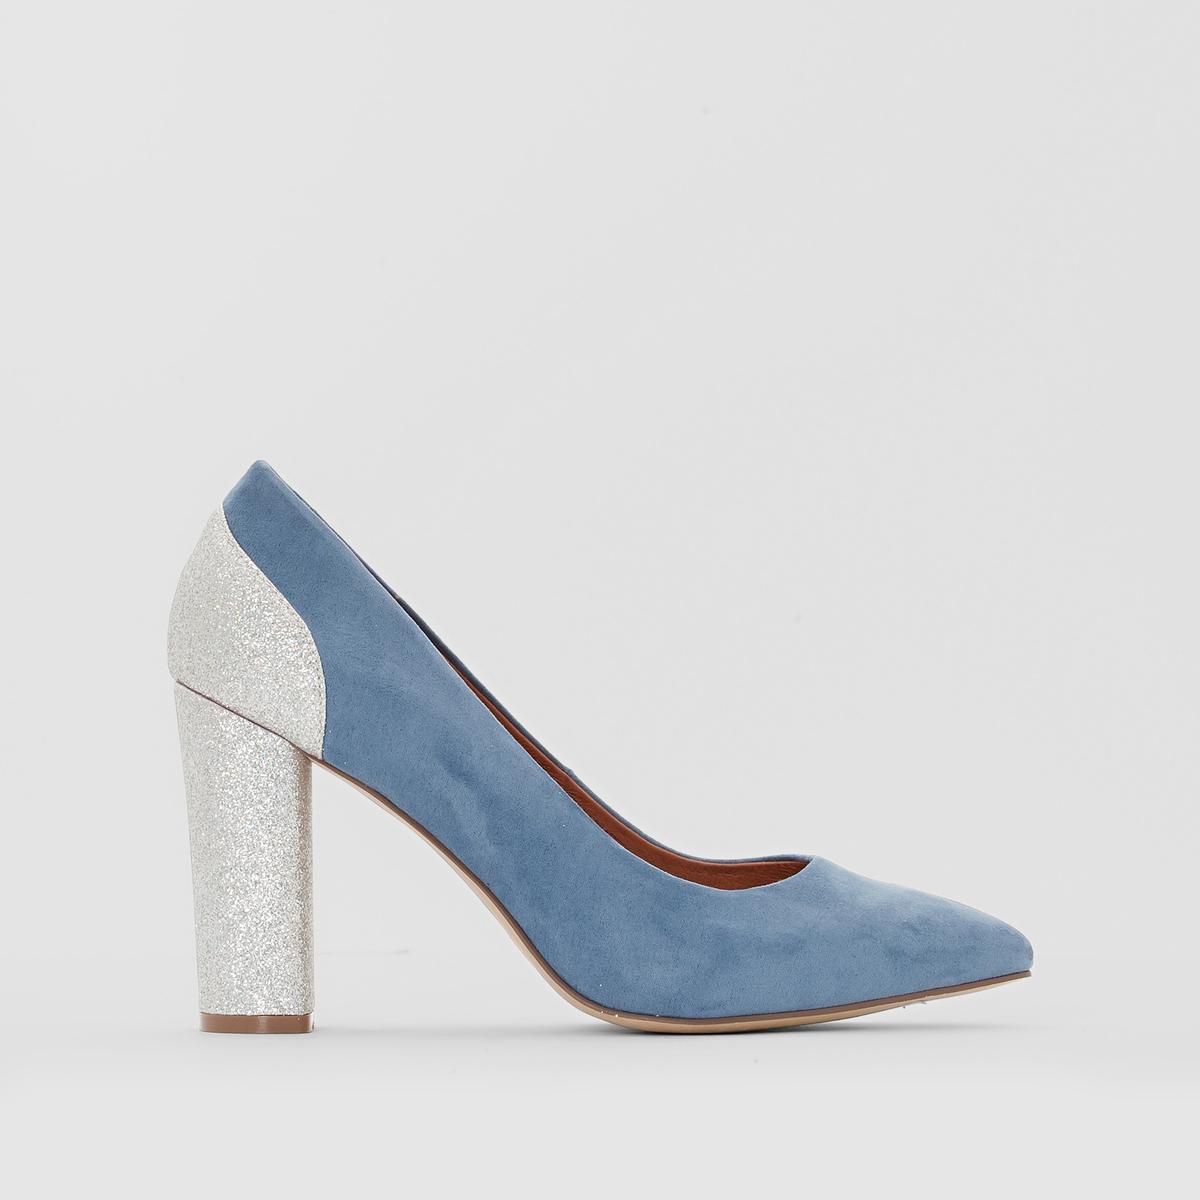 Туфли на каблуке с блёсткамиПодкладка : кожа             Стелька : кожа             Подошва : эластомер             Высота каблука : 9 см                 Форма каблука : высокий             Мысок : заостренный             Застежка : Без застежки<br><br>Цвет: синий,черный<br>Размер: 37.38.40.37